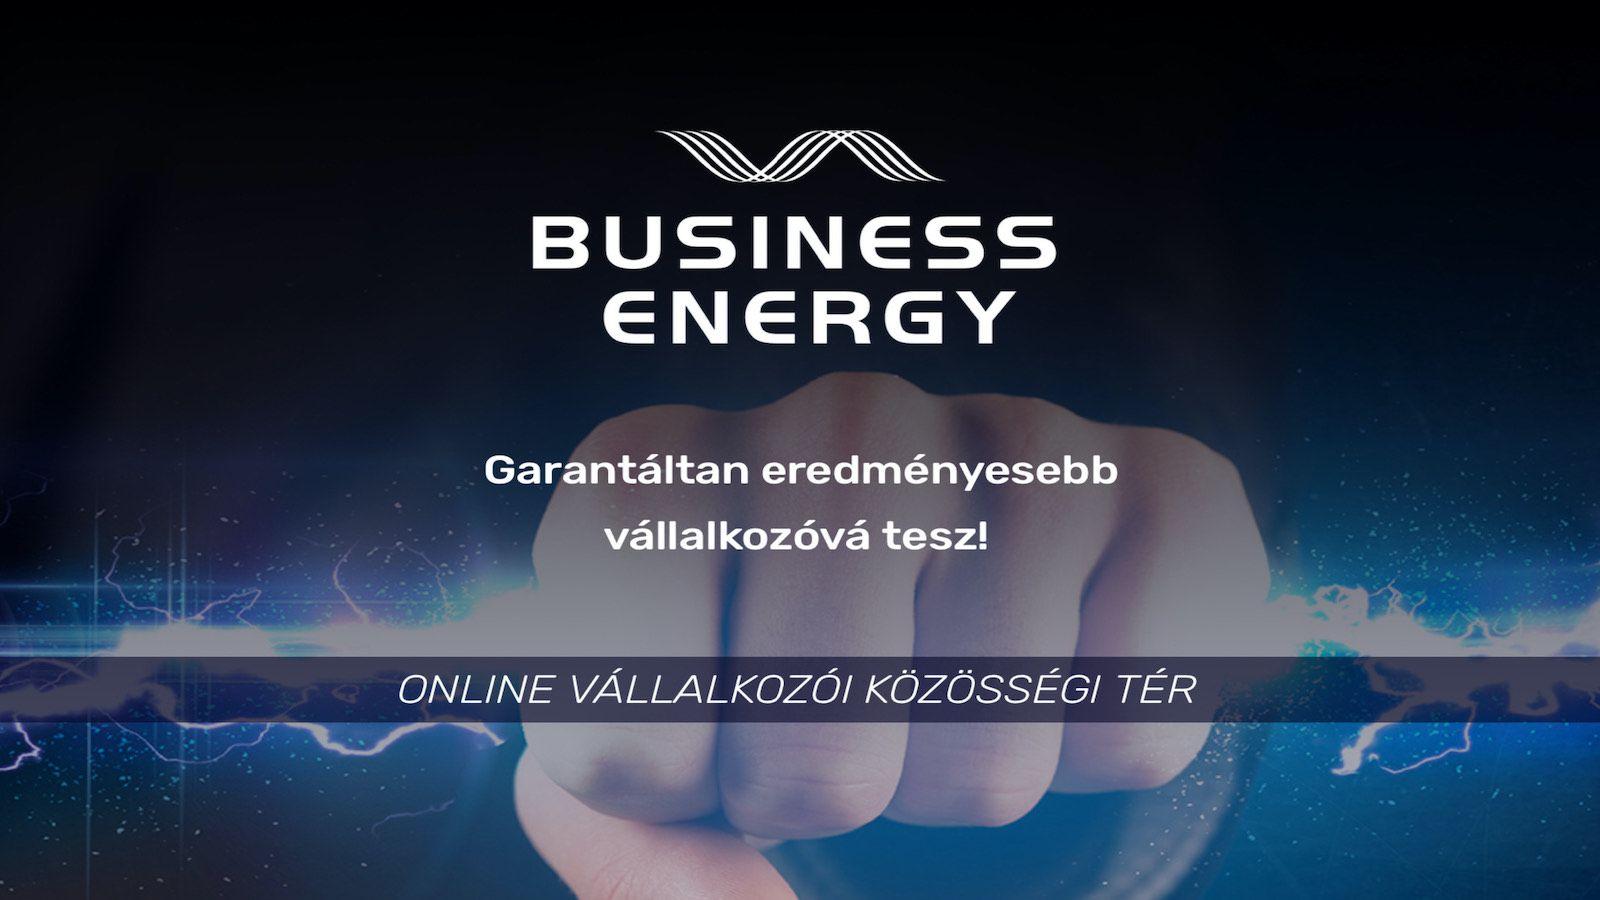 Business Energy  » online üzleti találkozó